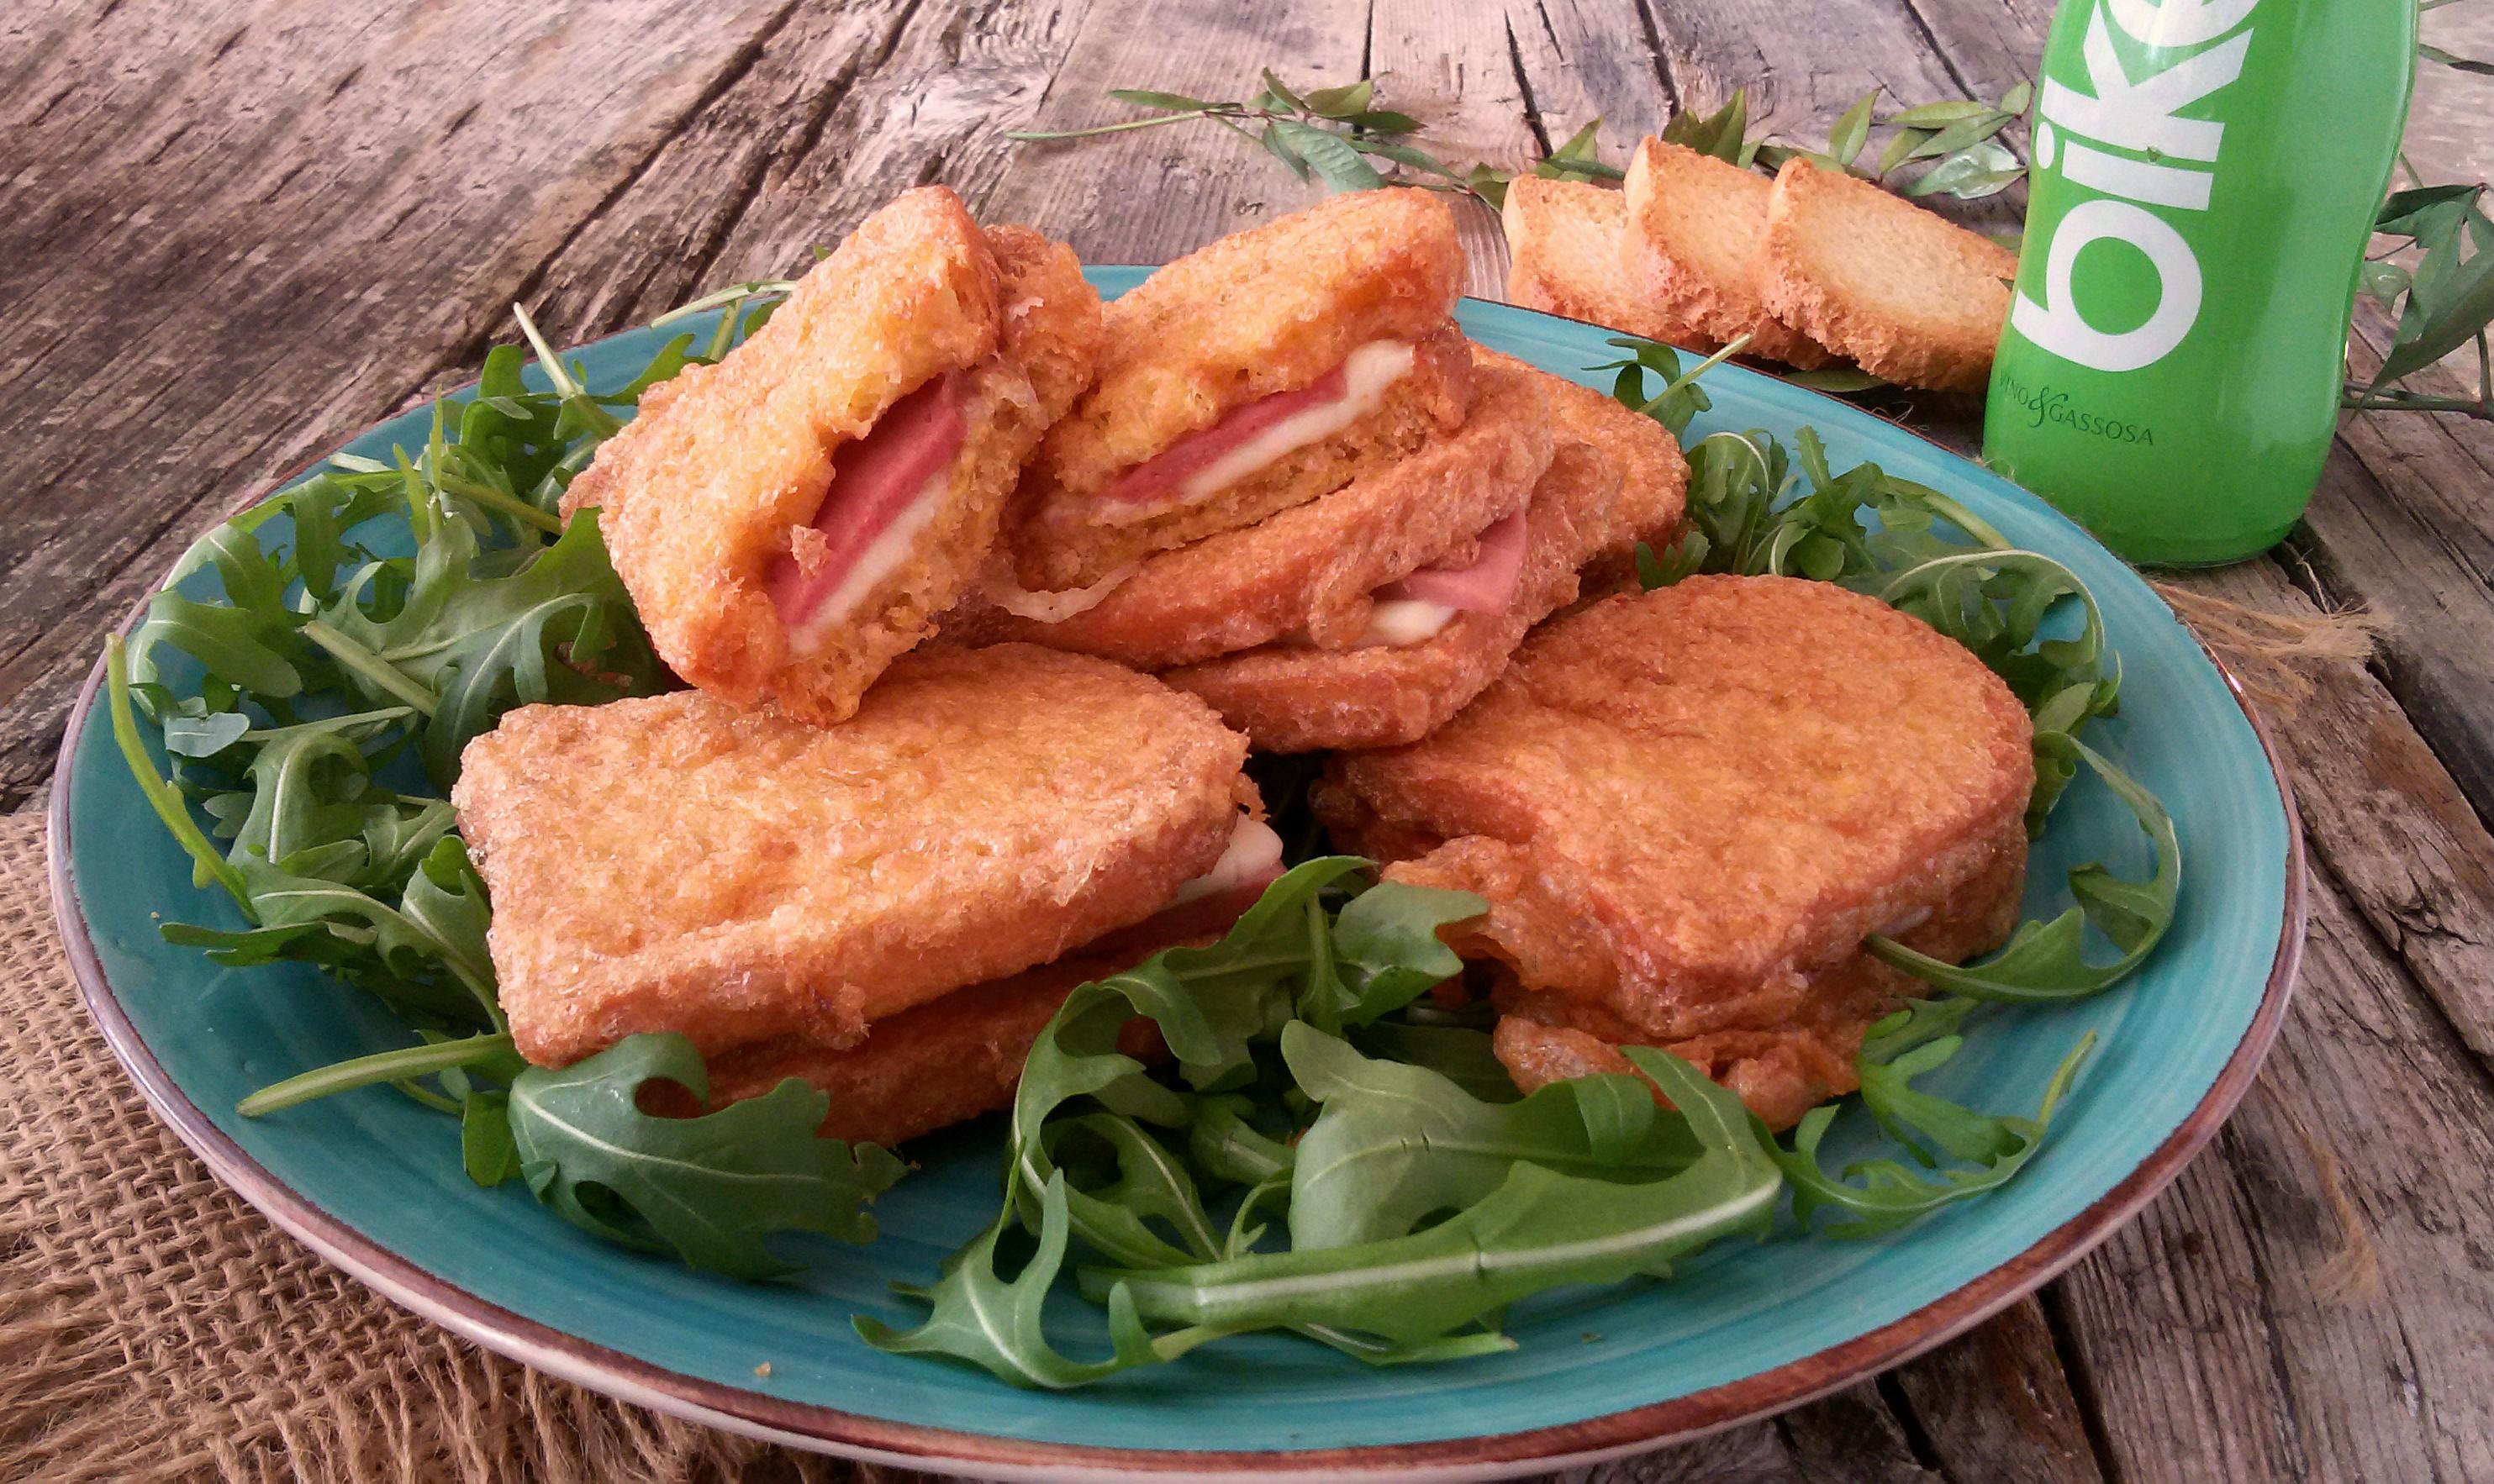 French toast di fette biscottate, ricetta veloce salva cena